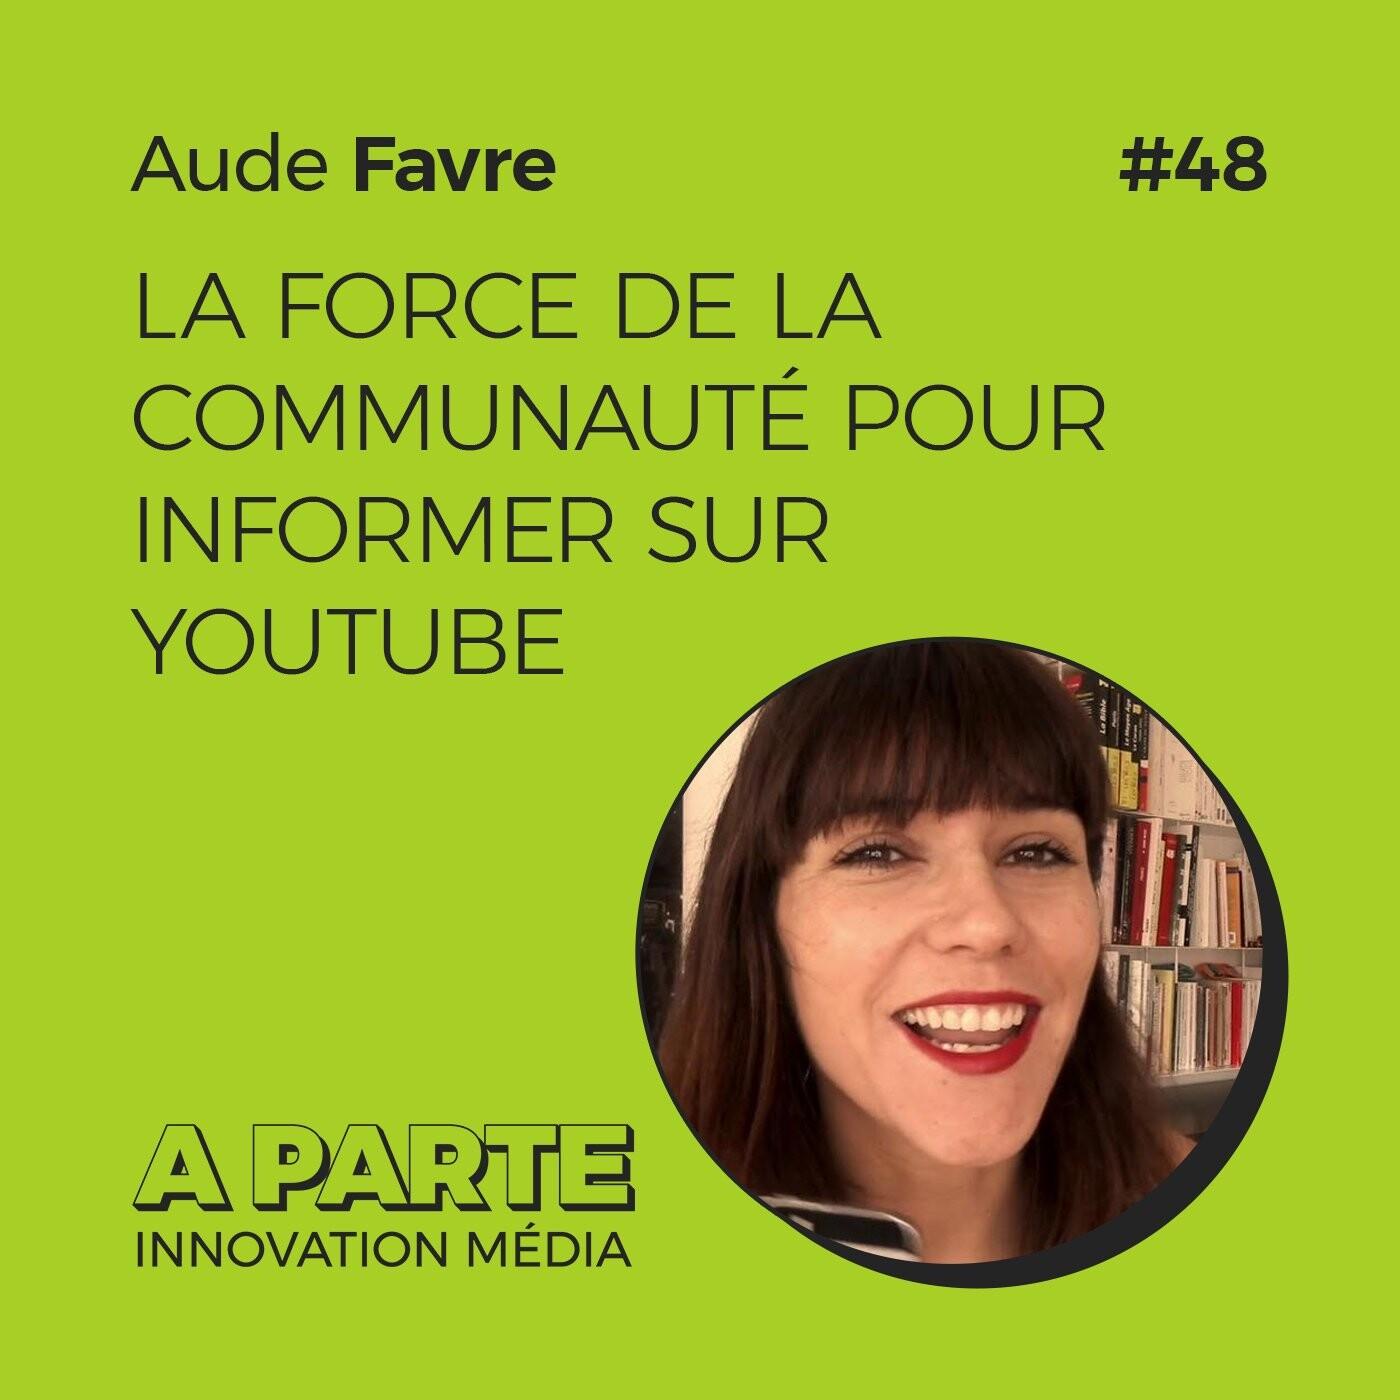 La force de la communauté pour informer sur YouTube, avec Aude Favre